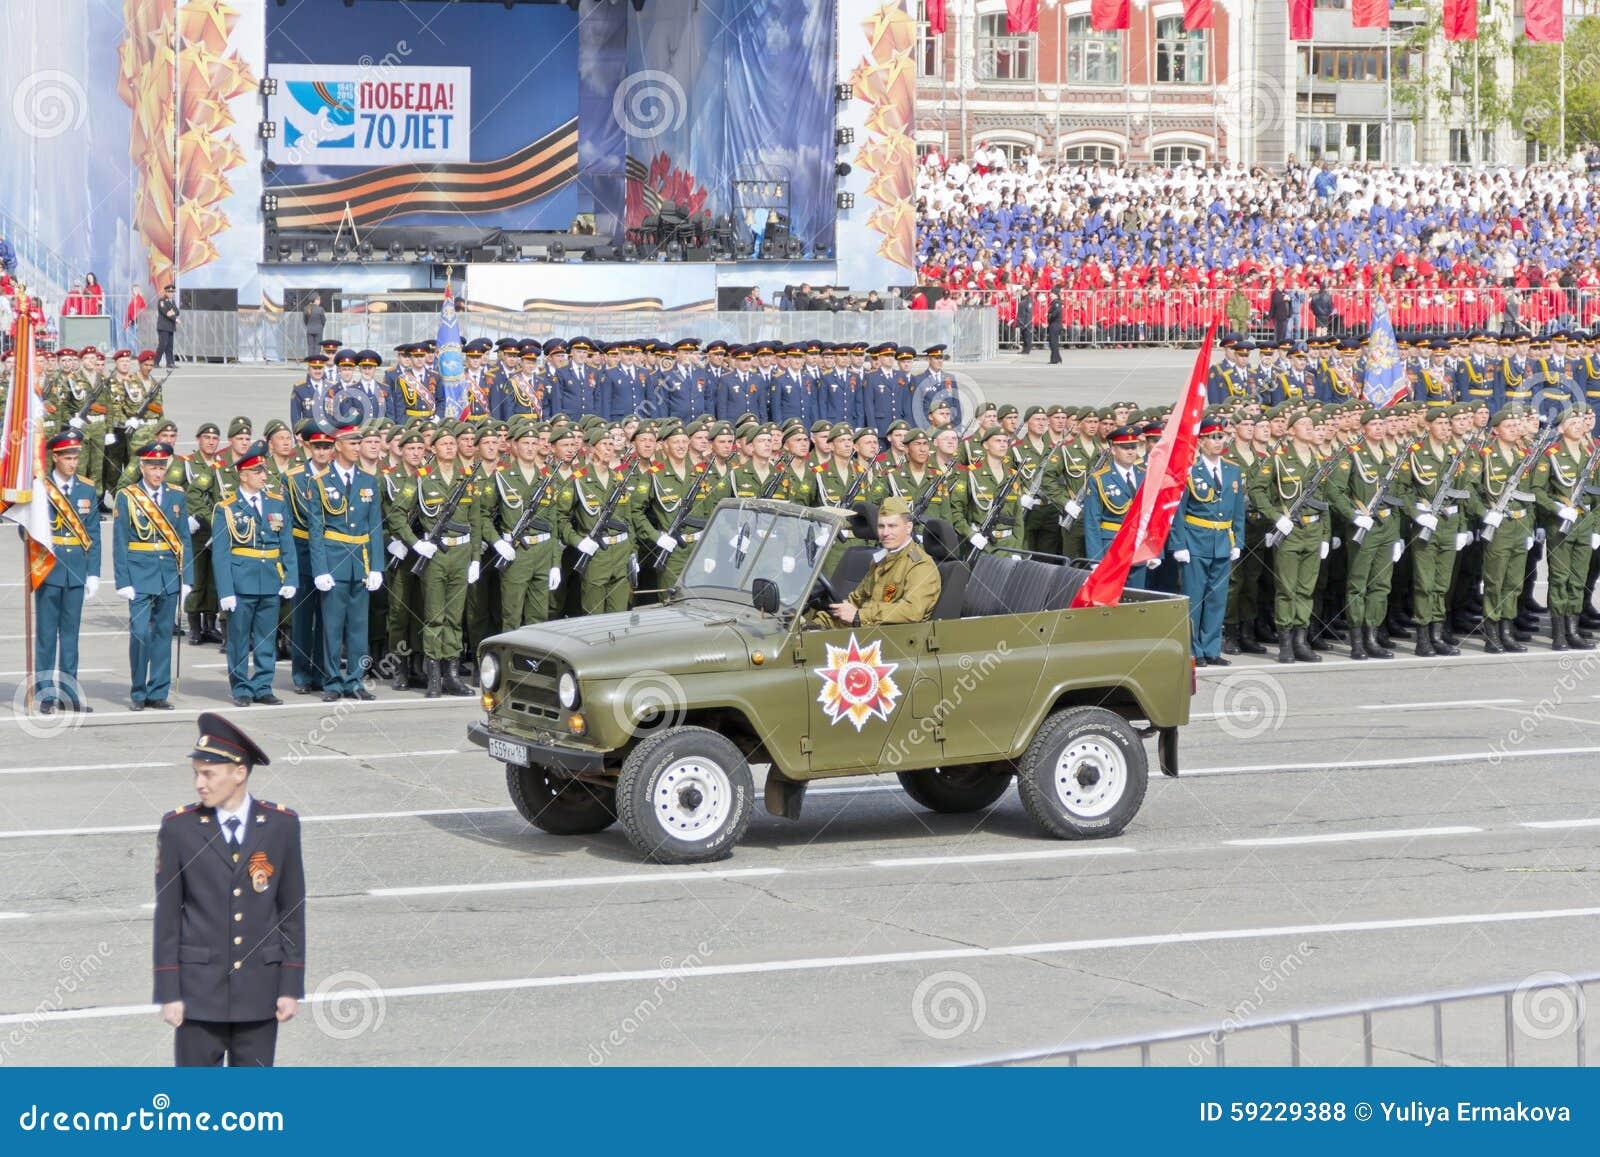 Download Los Militares Rusos Transportan En El Desfile En Victory Day Anual Foto de archivo editorial - Imagen de patriotismo, nuclear: 59229388